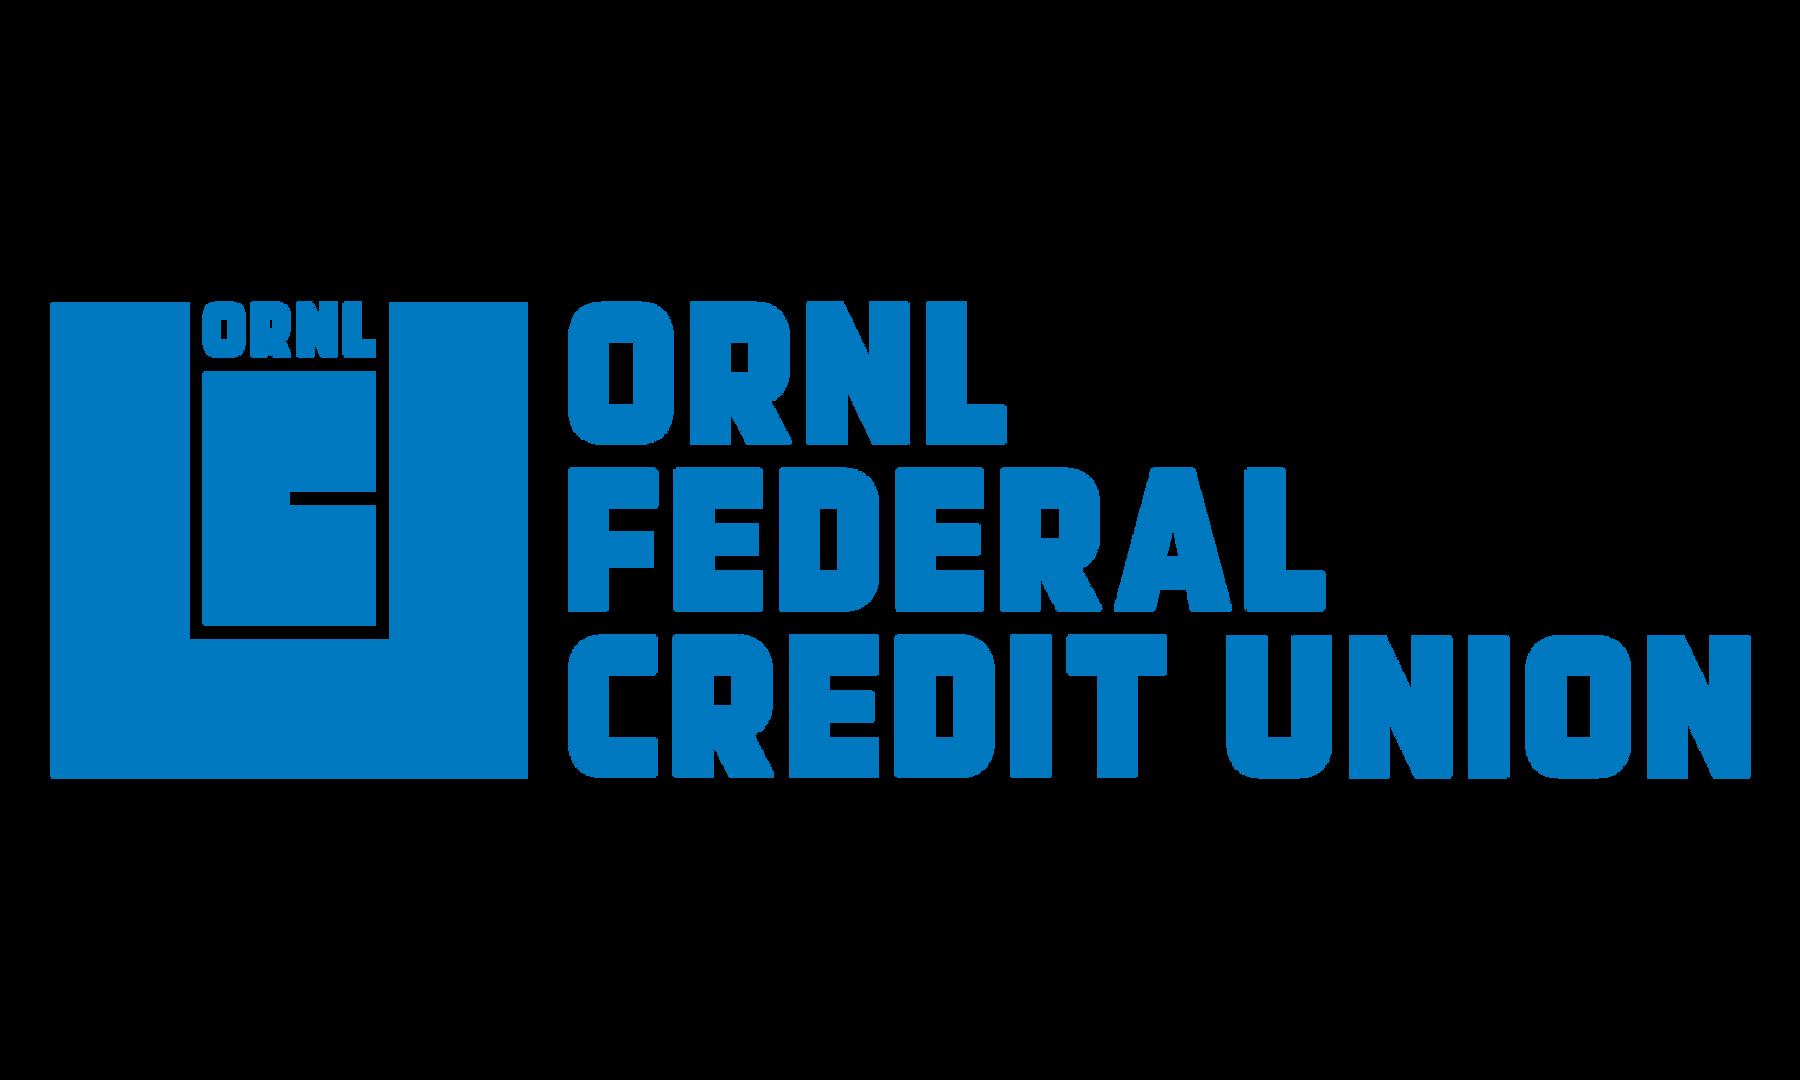 ORNL-01.png